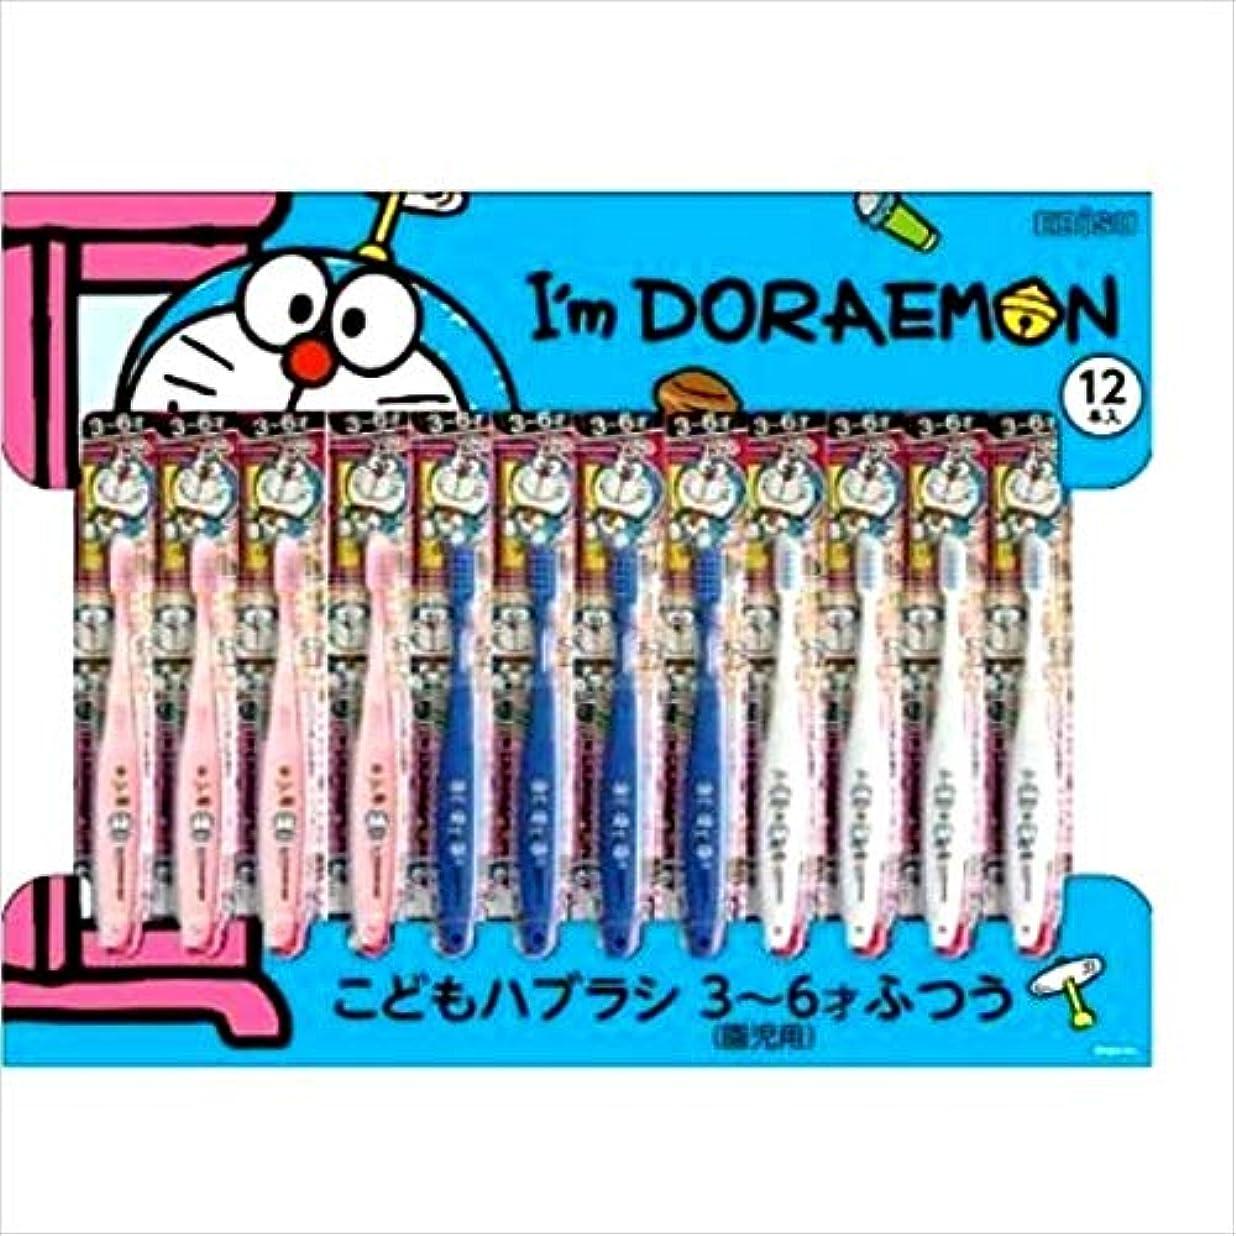 団結するブリードくるみI'M DORAEMON 子供用 歯ブラシ 12本入り